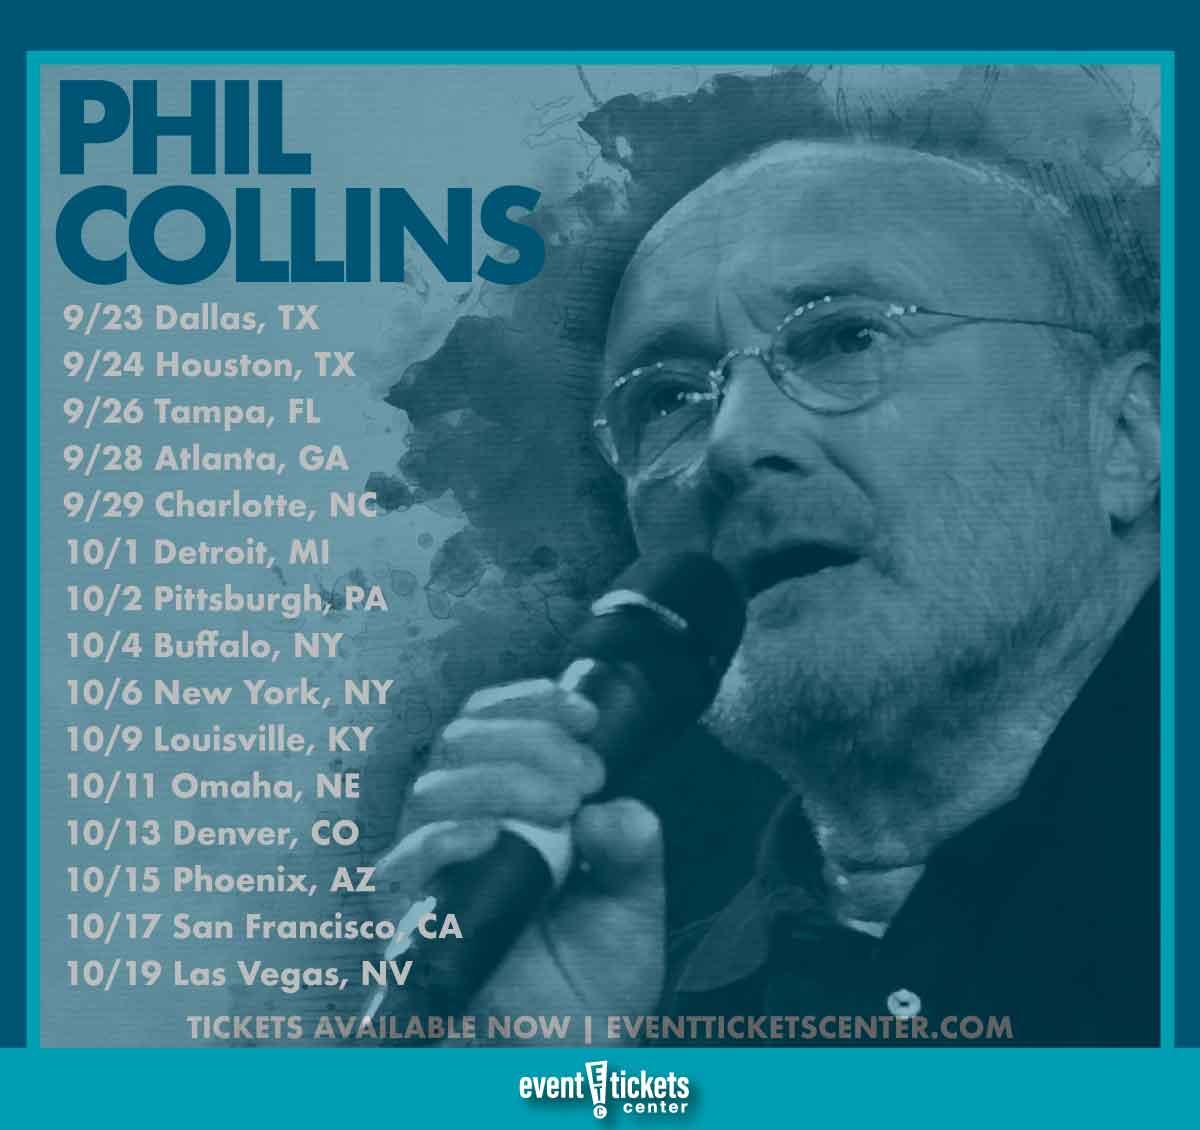 phil collins tour dates